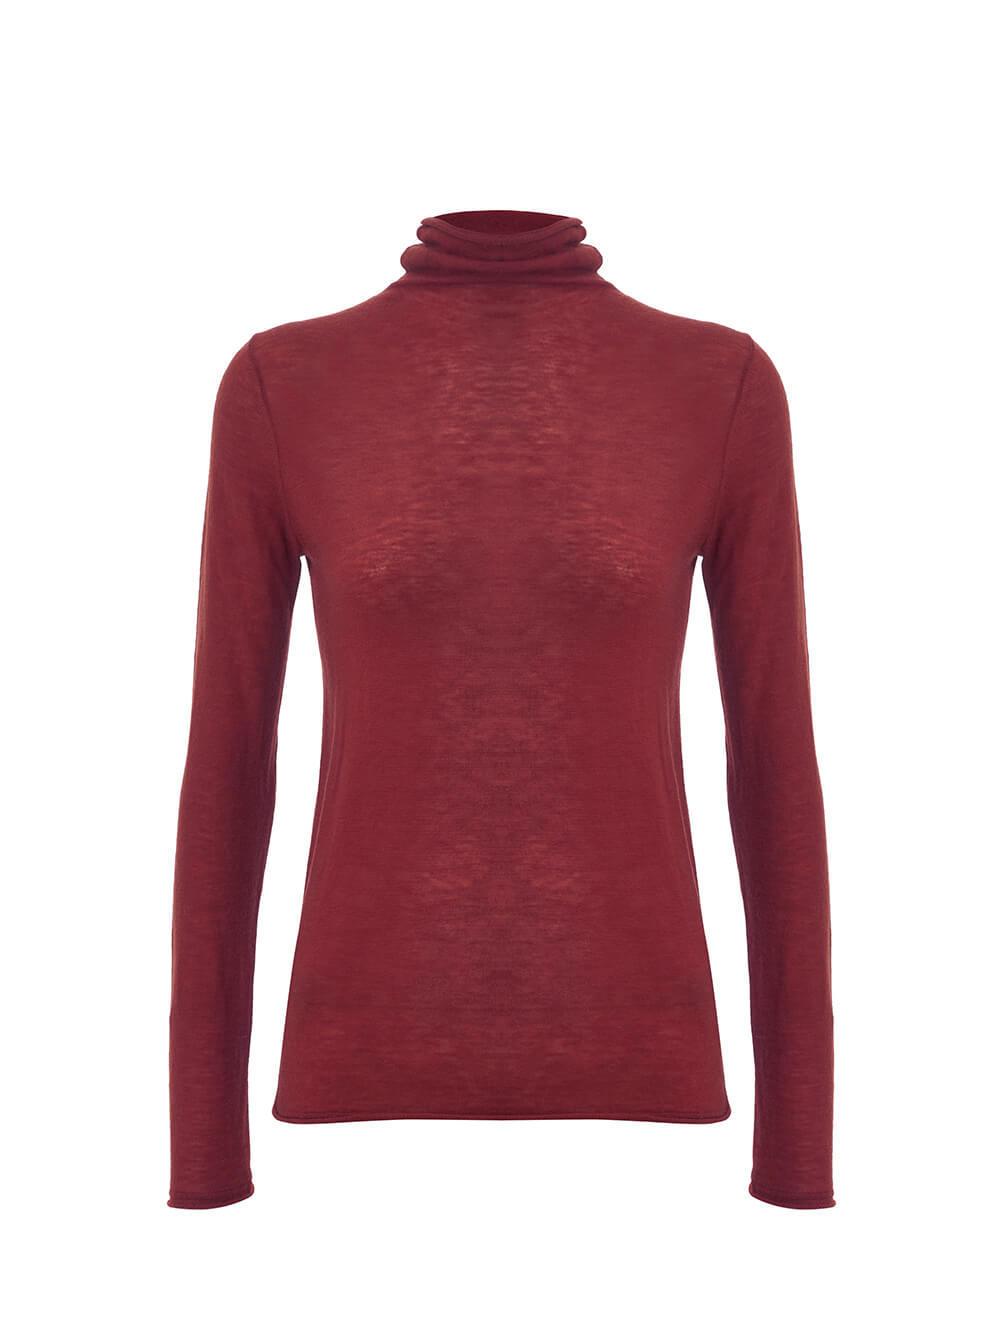 Женский свитер бордового цвета из 100% шерсти - фото 1